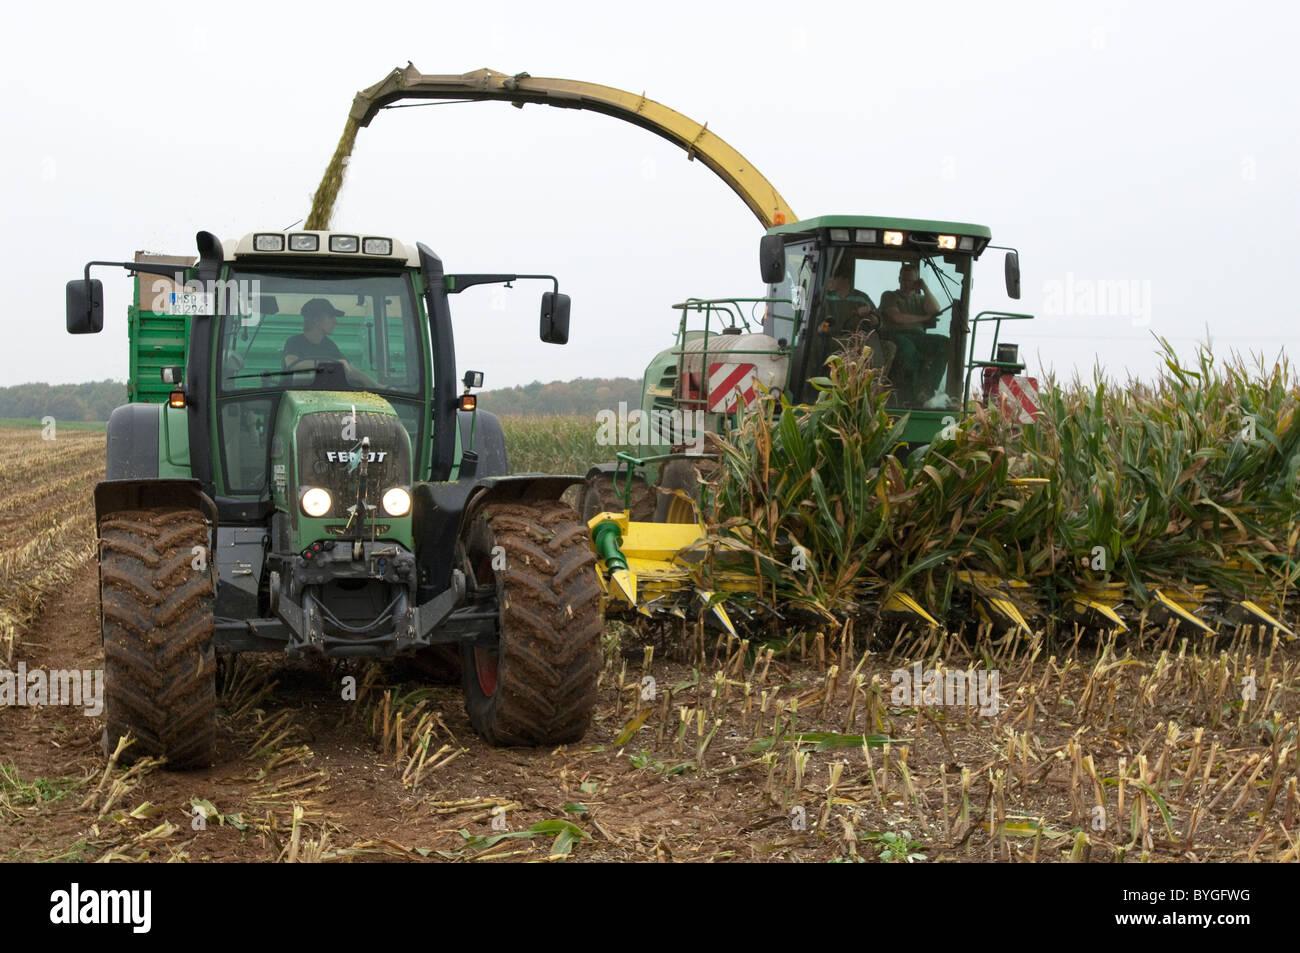 Granturco granturco (Zea mays). Il raccolto di mais. Un trattore con un rimorchio in esecuzione accanto ad una trincia Immagini Stock